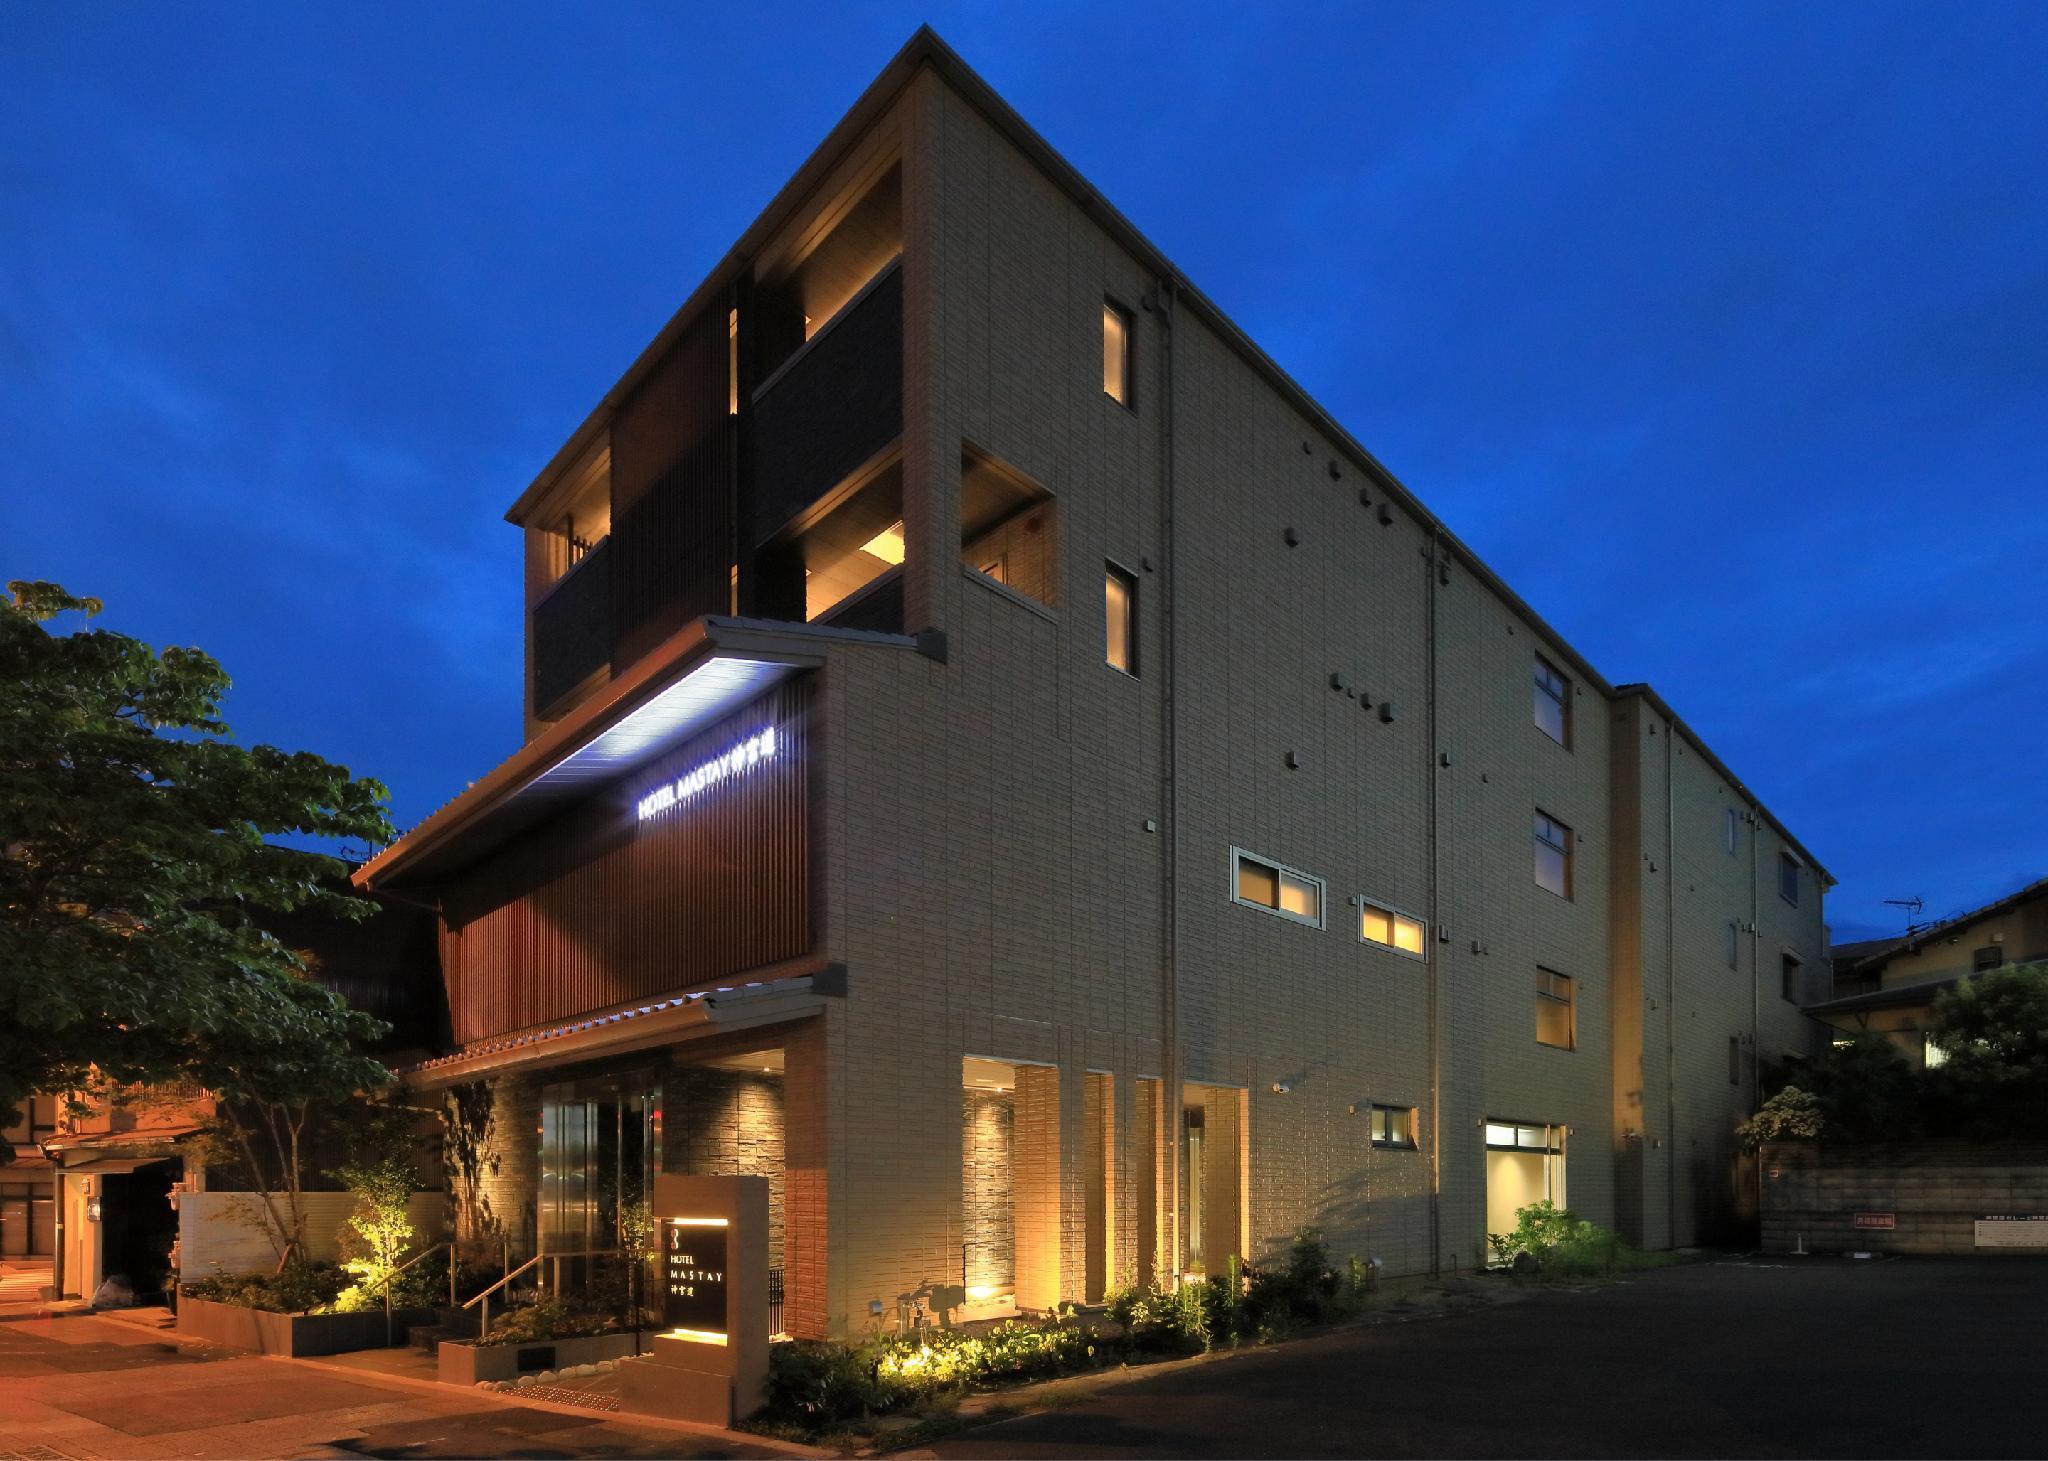 HOTEL MASTAY Jingumichi